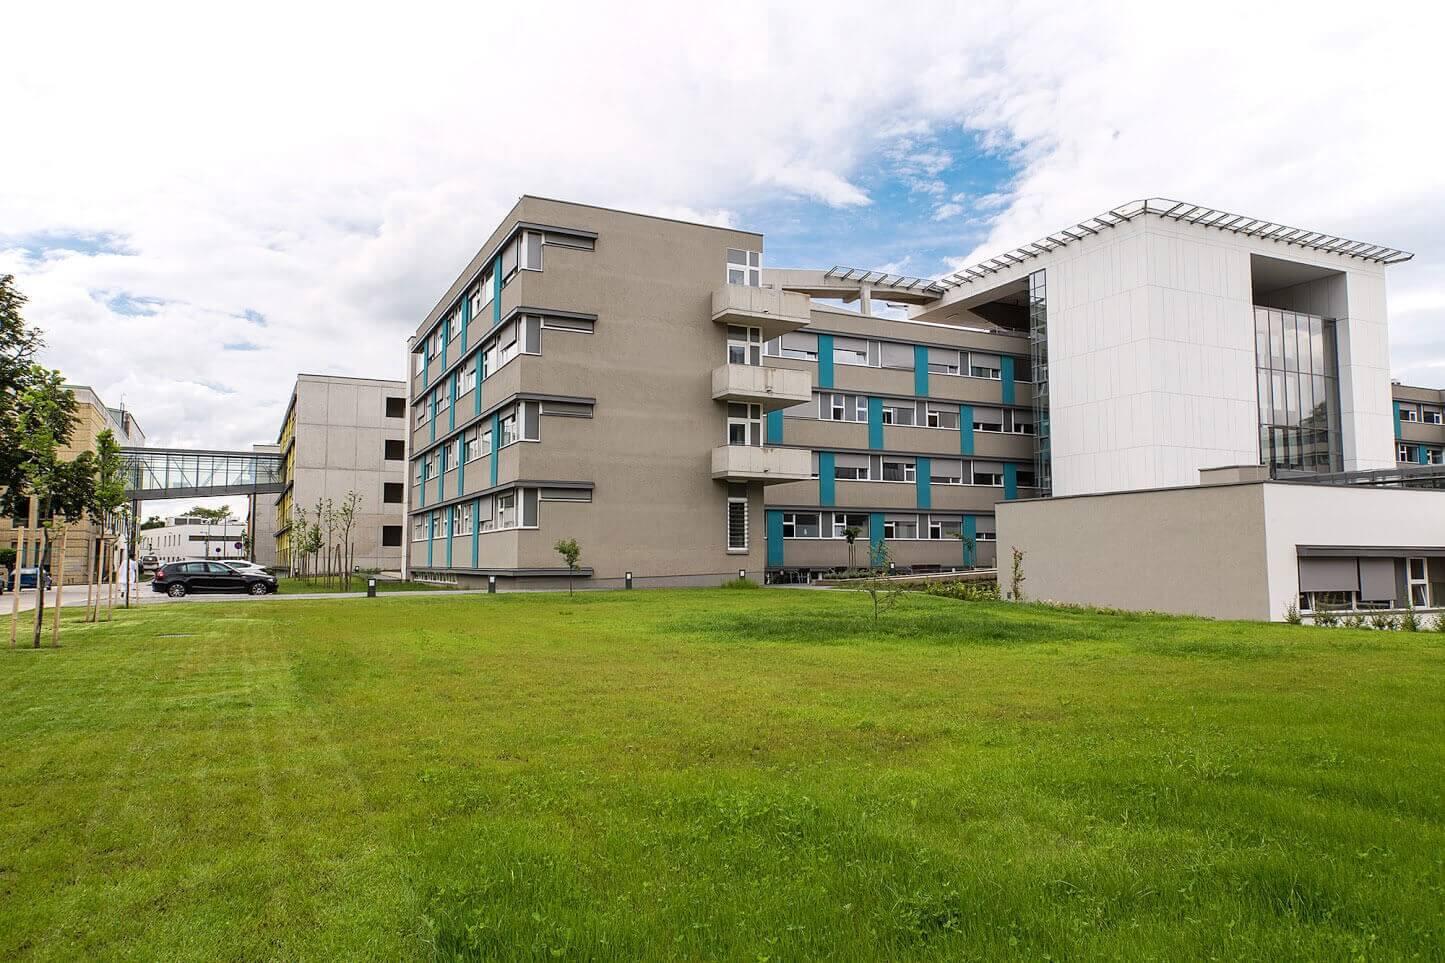 A Ke-Víz és a Közmű Generál kivitelezik a nyíregyházi kórház parkolóházát